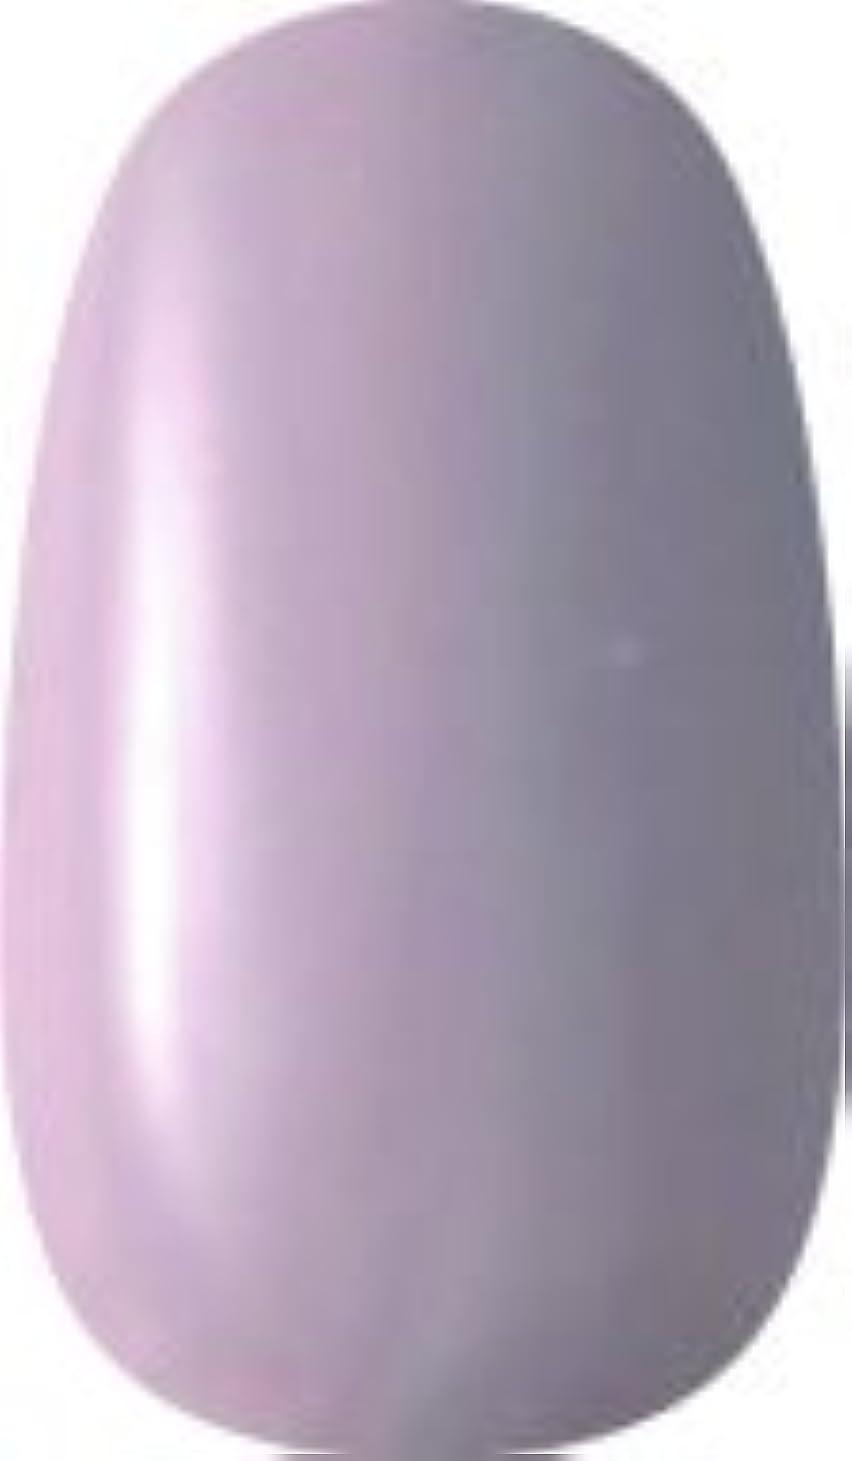 誰も節約フレキシブルラク カラージェル(52-シナモン)8g 今話題のラクジェル 素早く仕上カラージェル 抜群の発色とツヤ 国産ポリッシュタイプ オールインワン ワンステップジェルネイル RAKU COLOR GEL #52